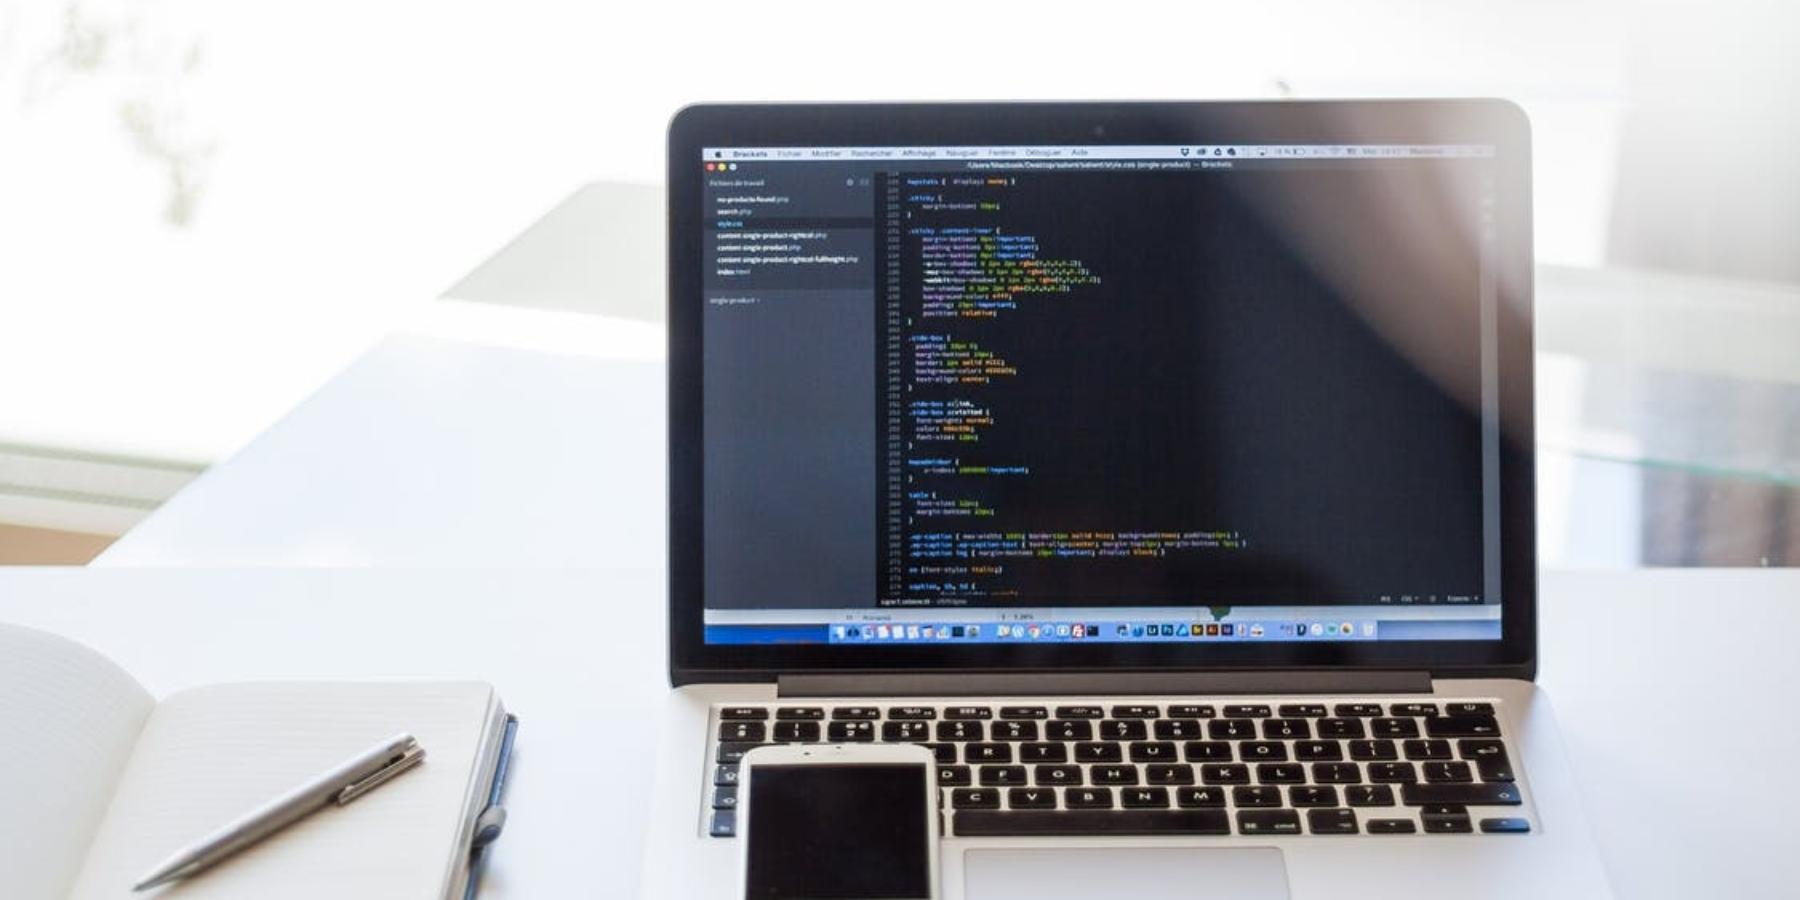 Aktualnie używane inajpopularniejsze języki programowania